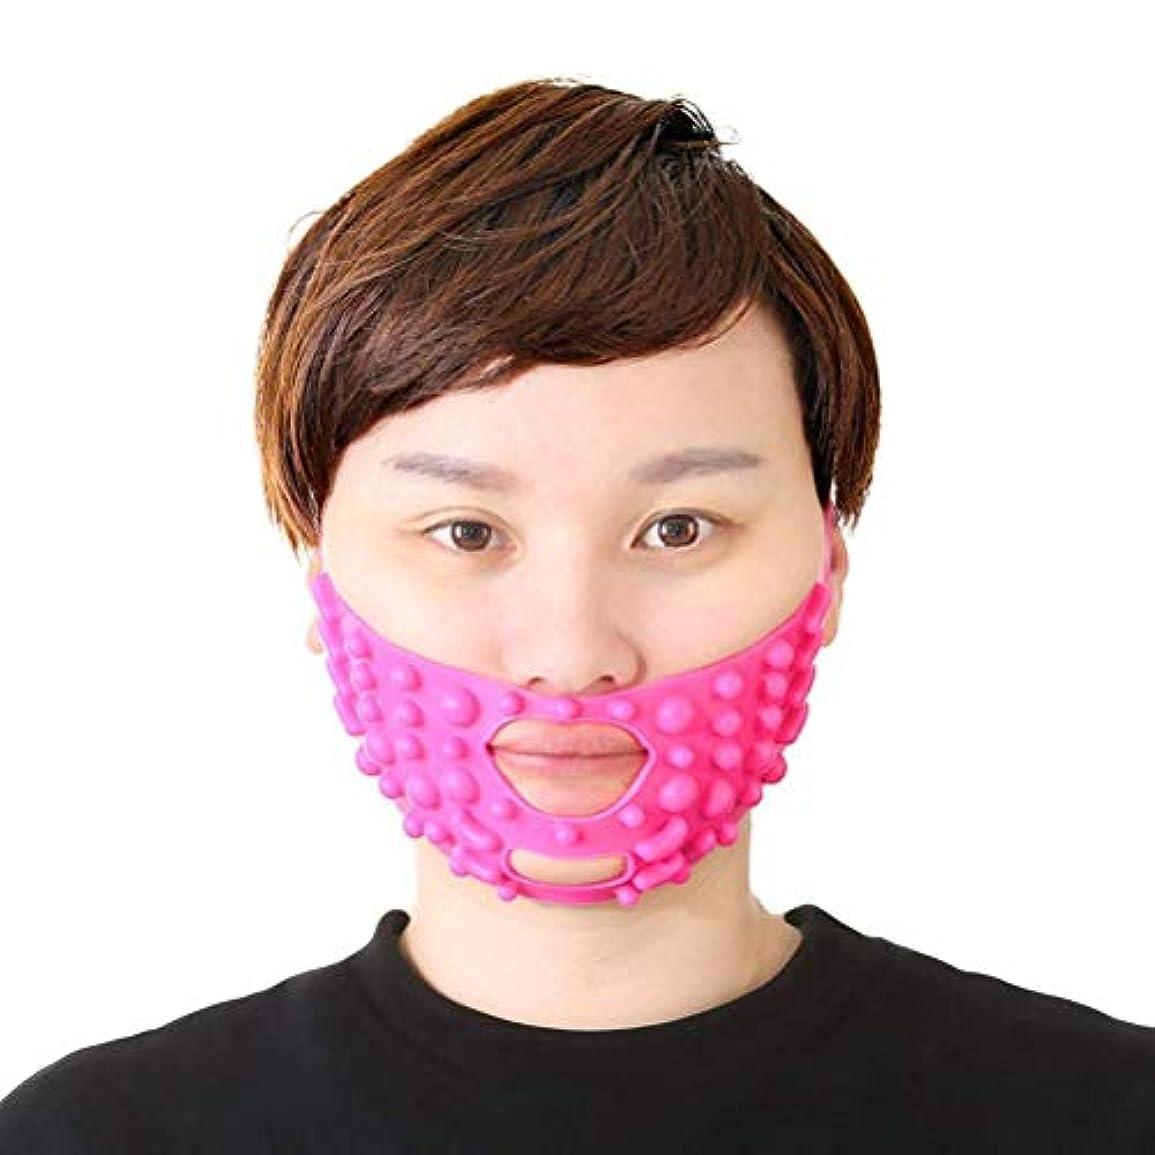 数学的なパーフェルビッド農民二重あごベルト、薄いフェイスマスク包帯、頬スリムVフェイスベルト、痩身包帯通気性ストレッチ